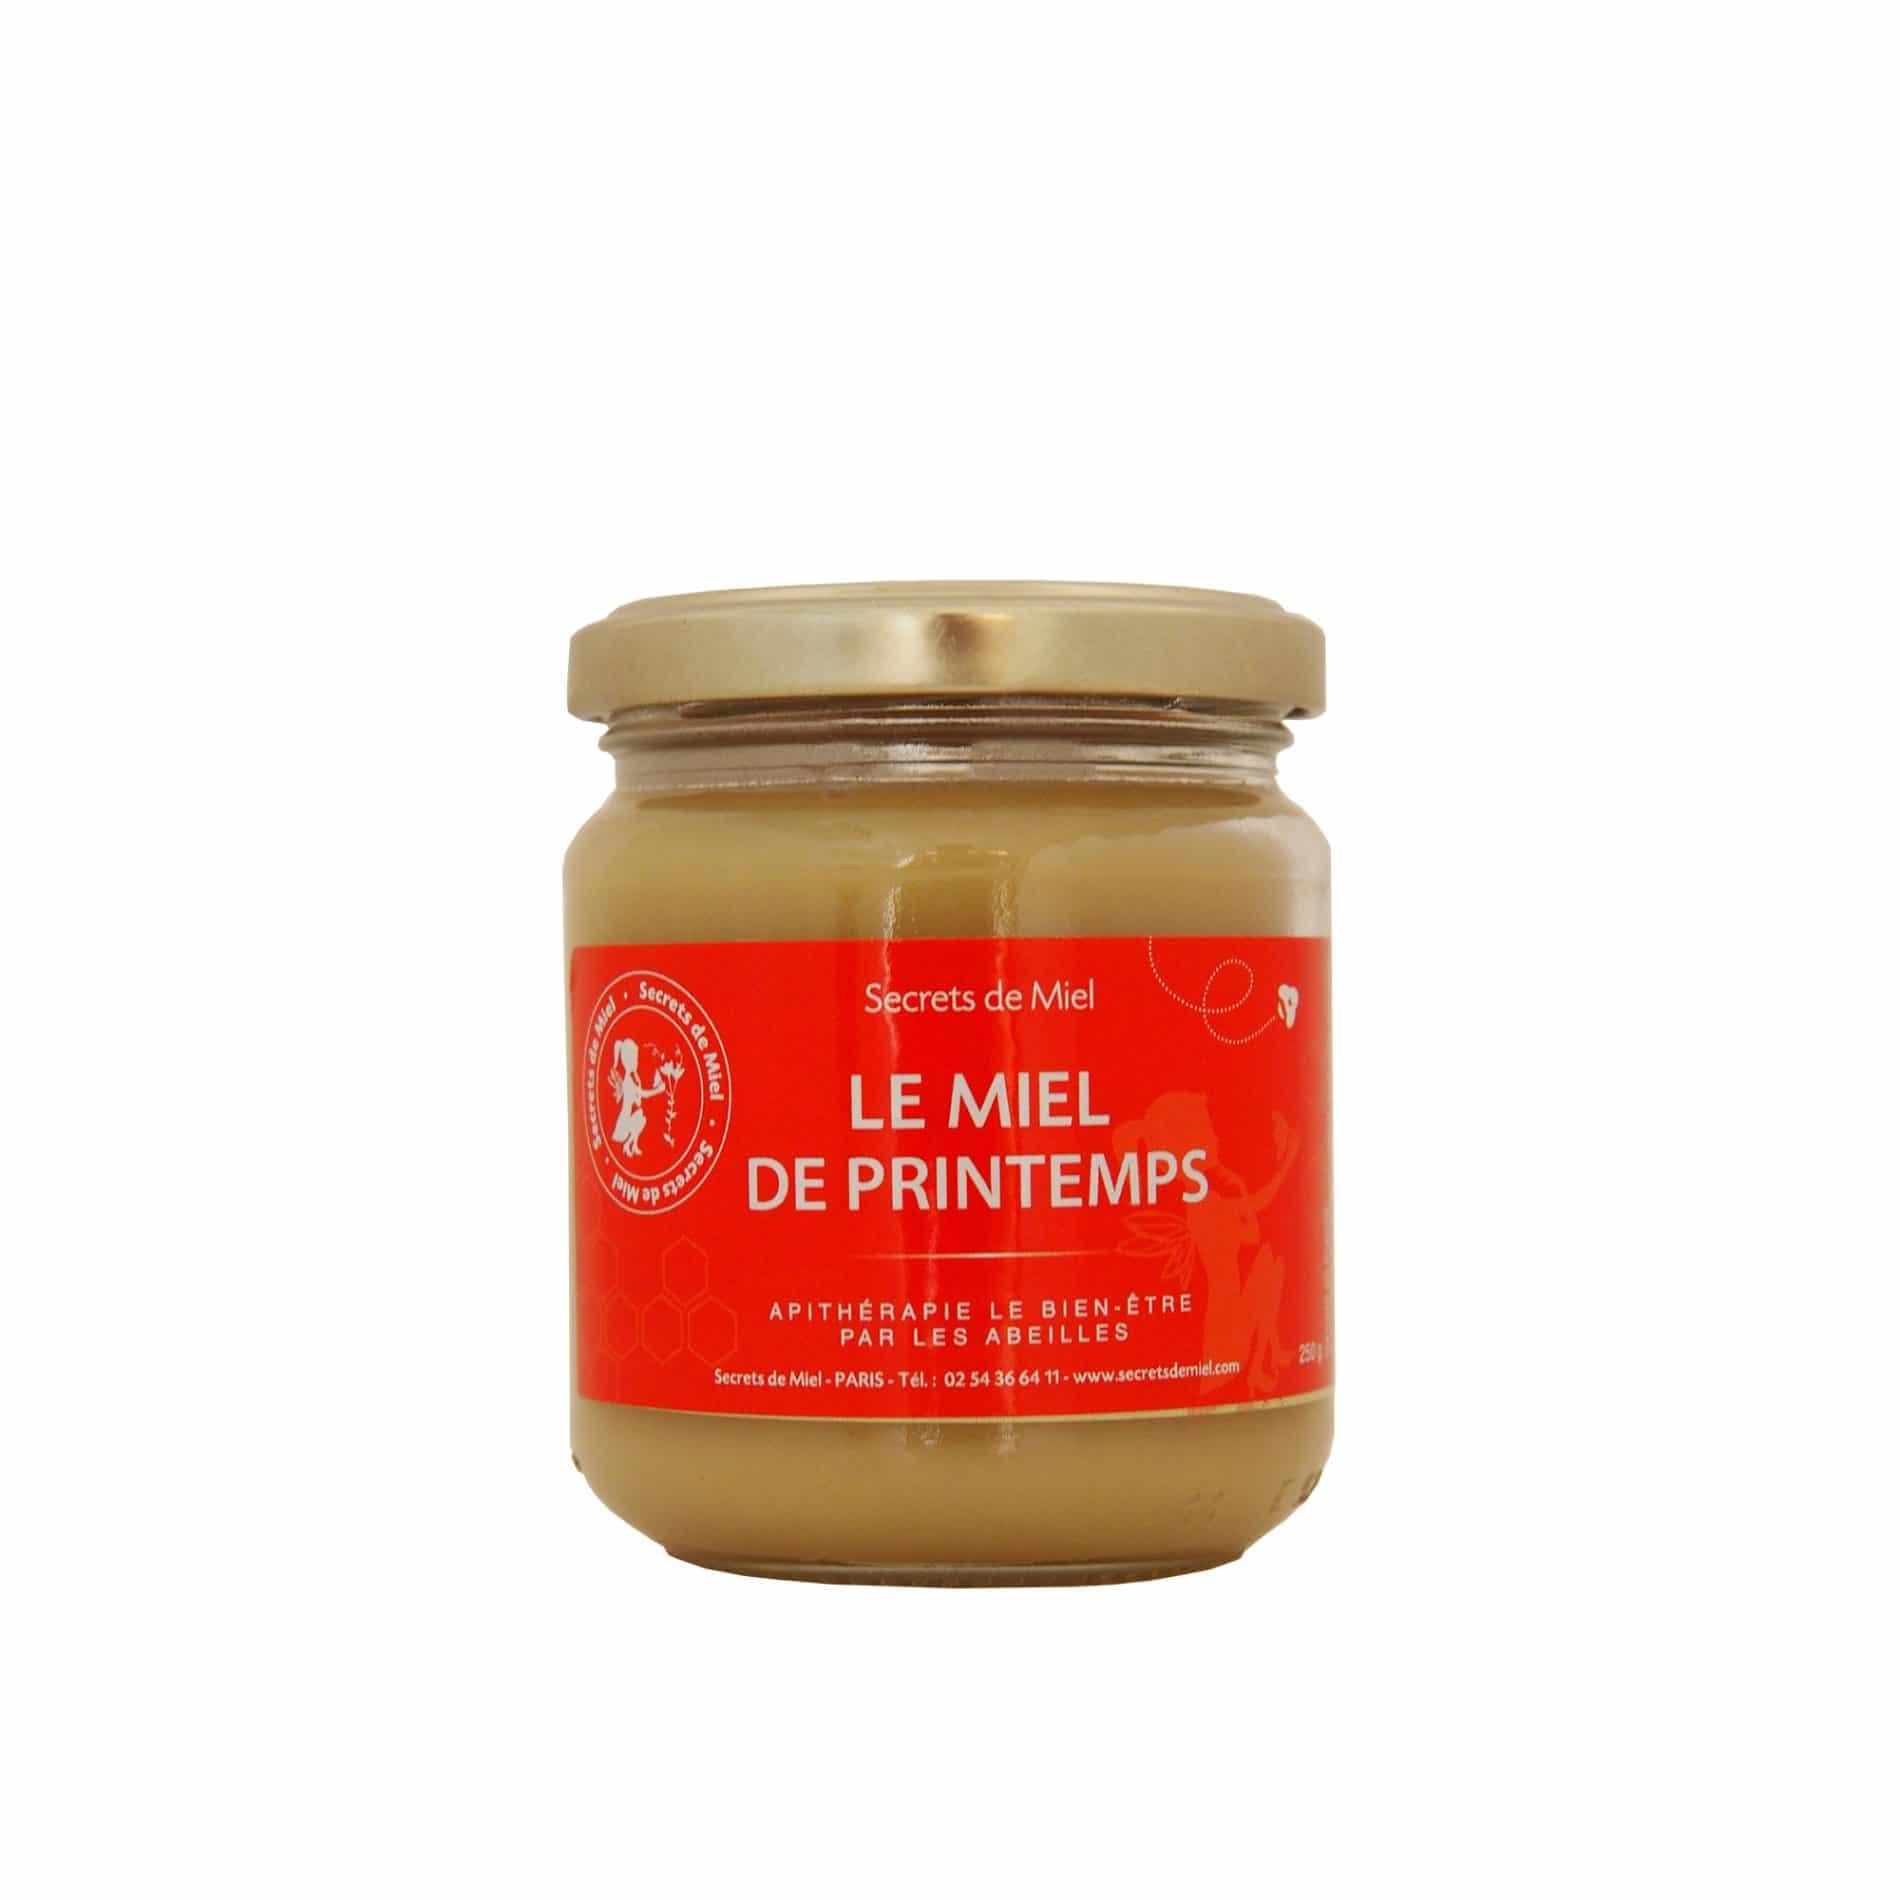 Miel de Printemps - Ruches françaises - Produit naturel - Abeilles - Ruche - Secrets de Miel